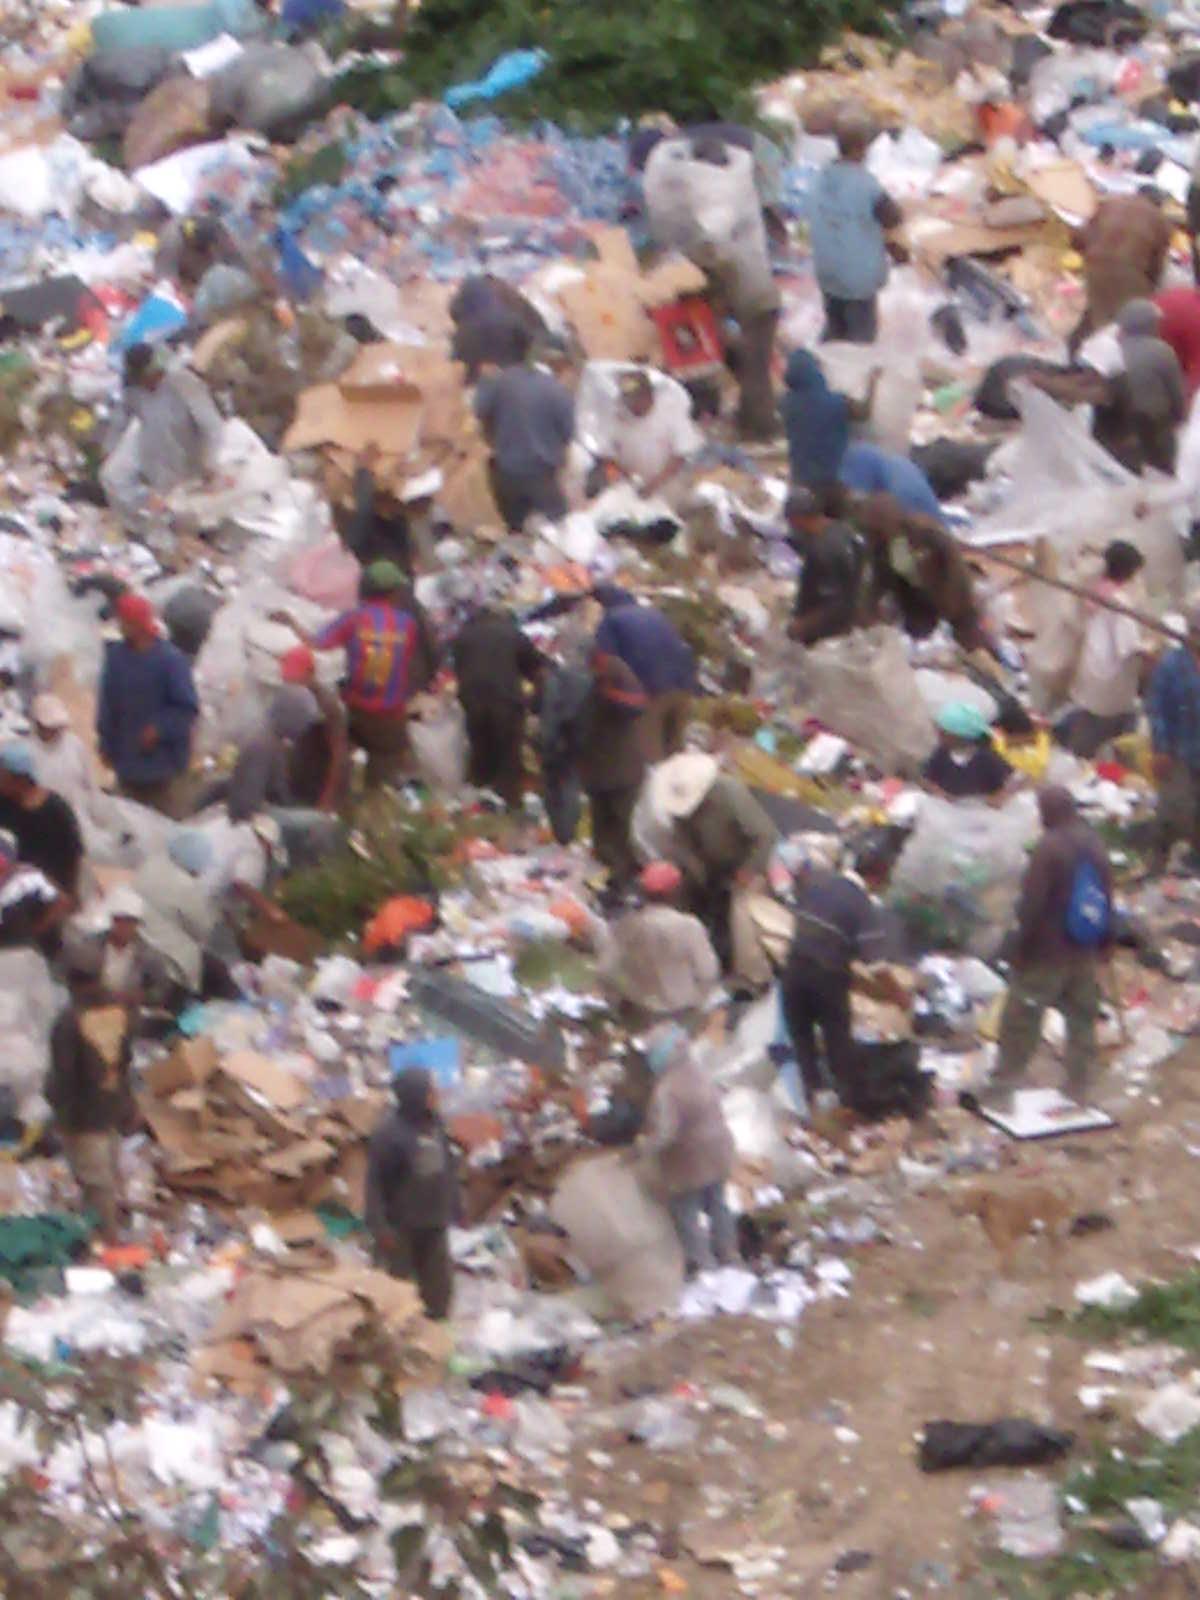 Guatemala City Garbage Dump 2